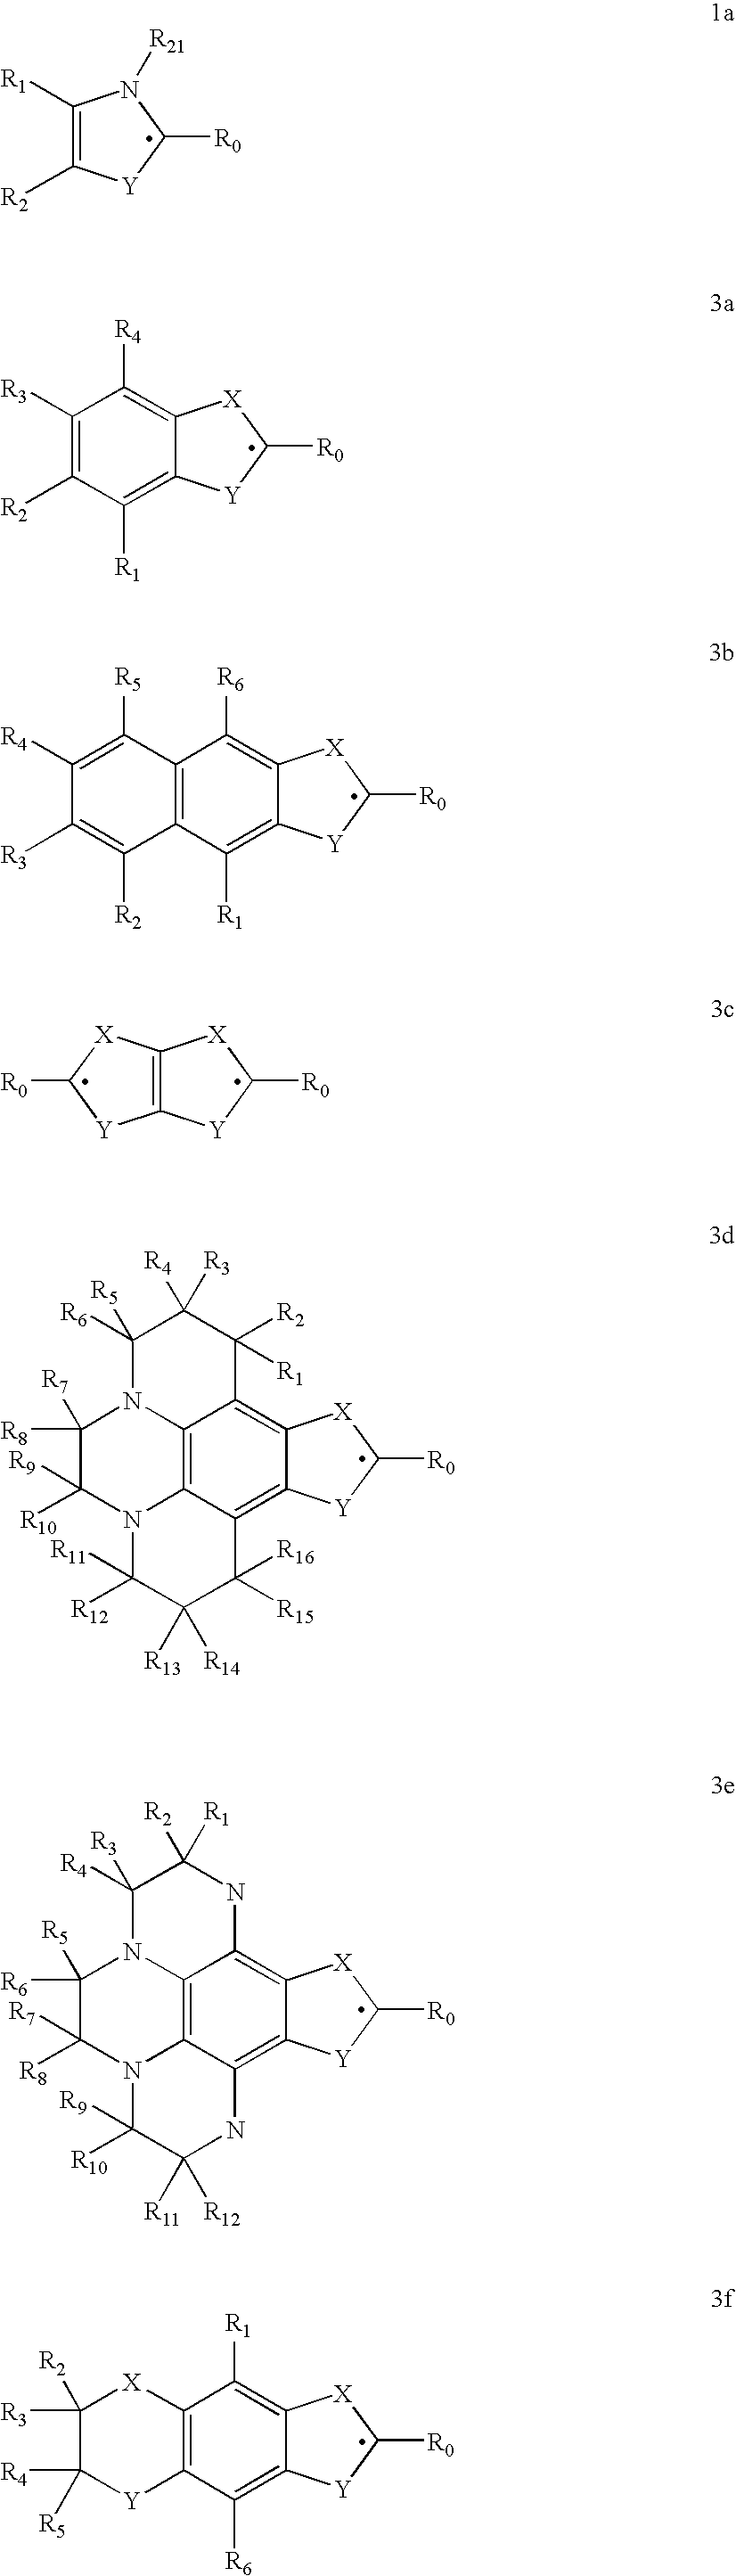 Figure US20070252140A1-20071101-C00015